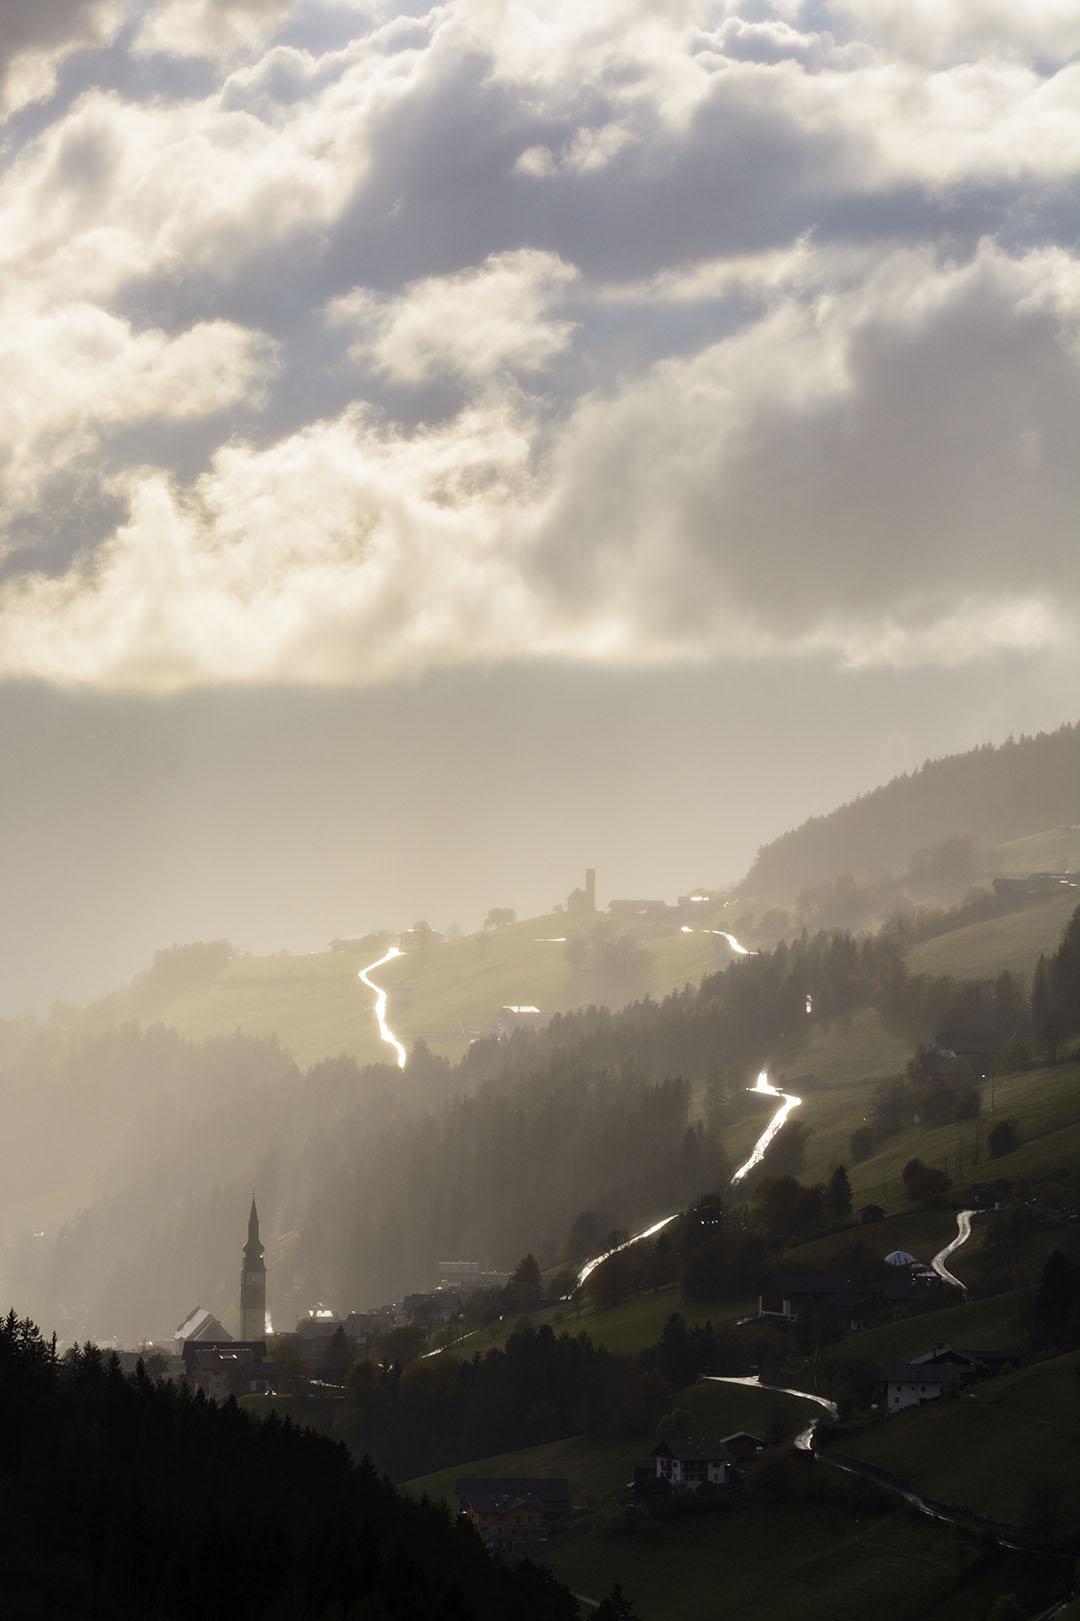 Óleo sobre lienzo - Archivo - Iñaki Larrea, Fotografía de naturaleza y montaña